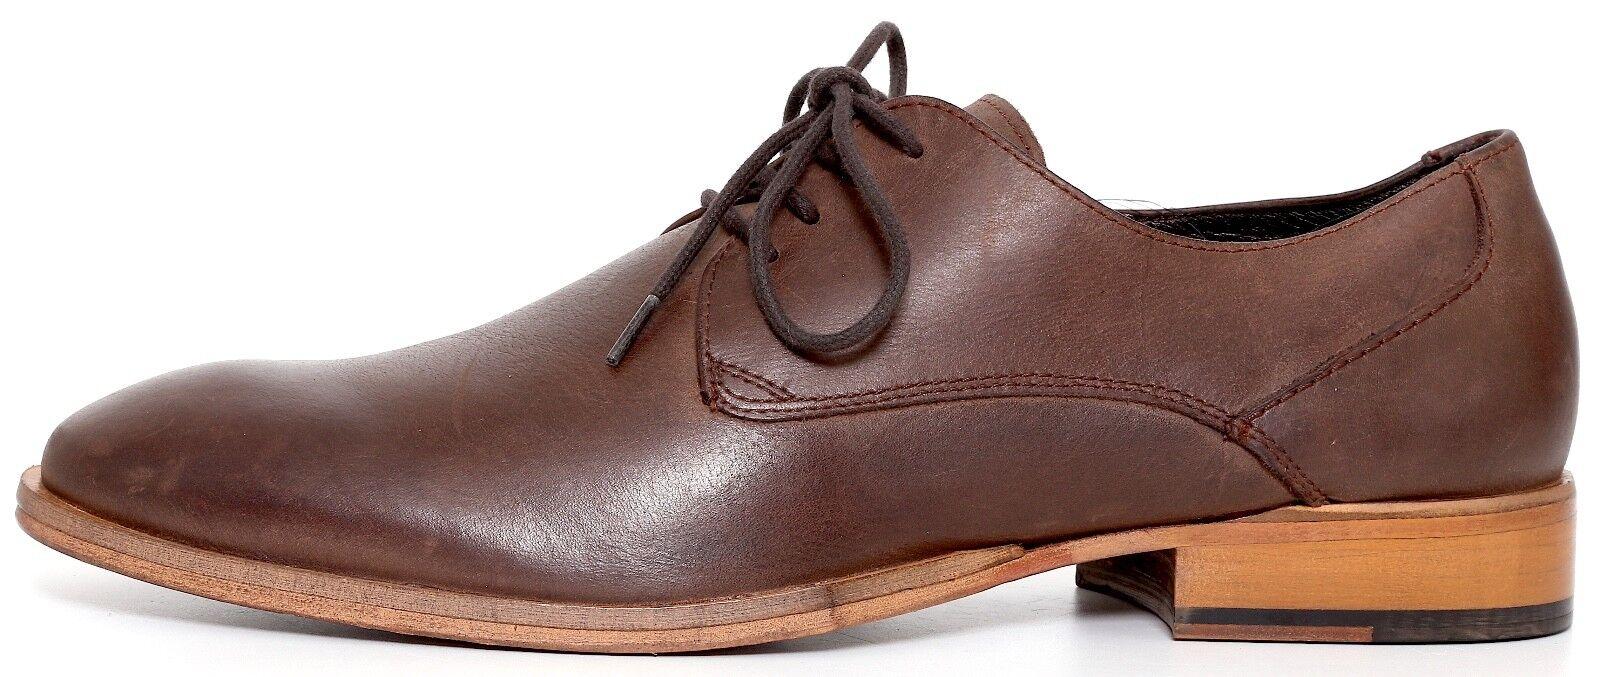 Kurt Geiger Preston Men's Brown Leather Oxfords 7006 Size 41